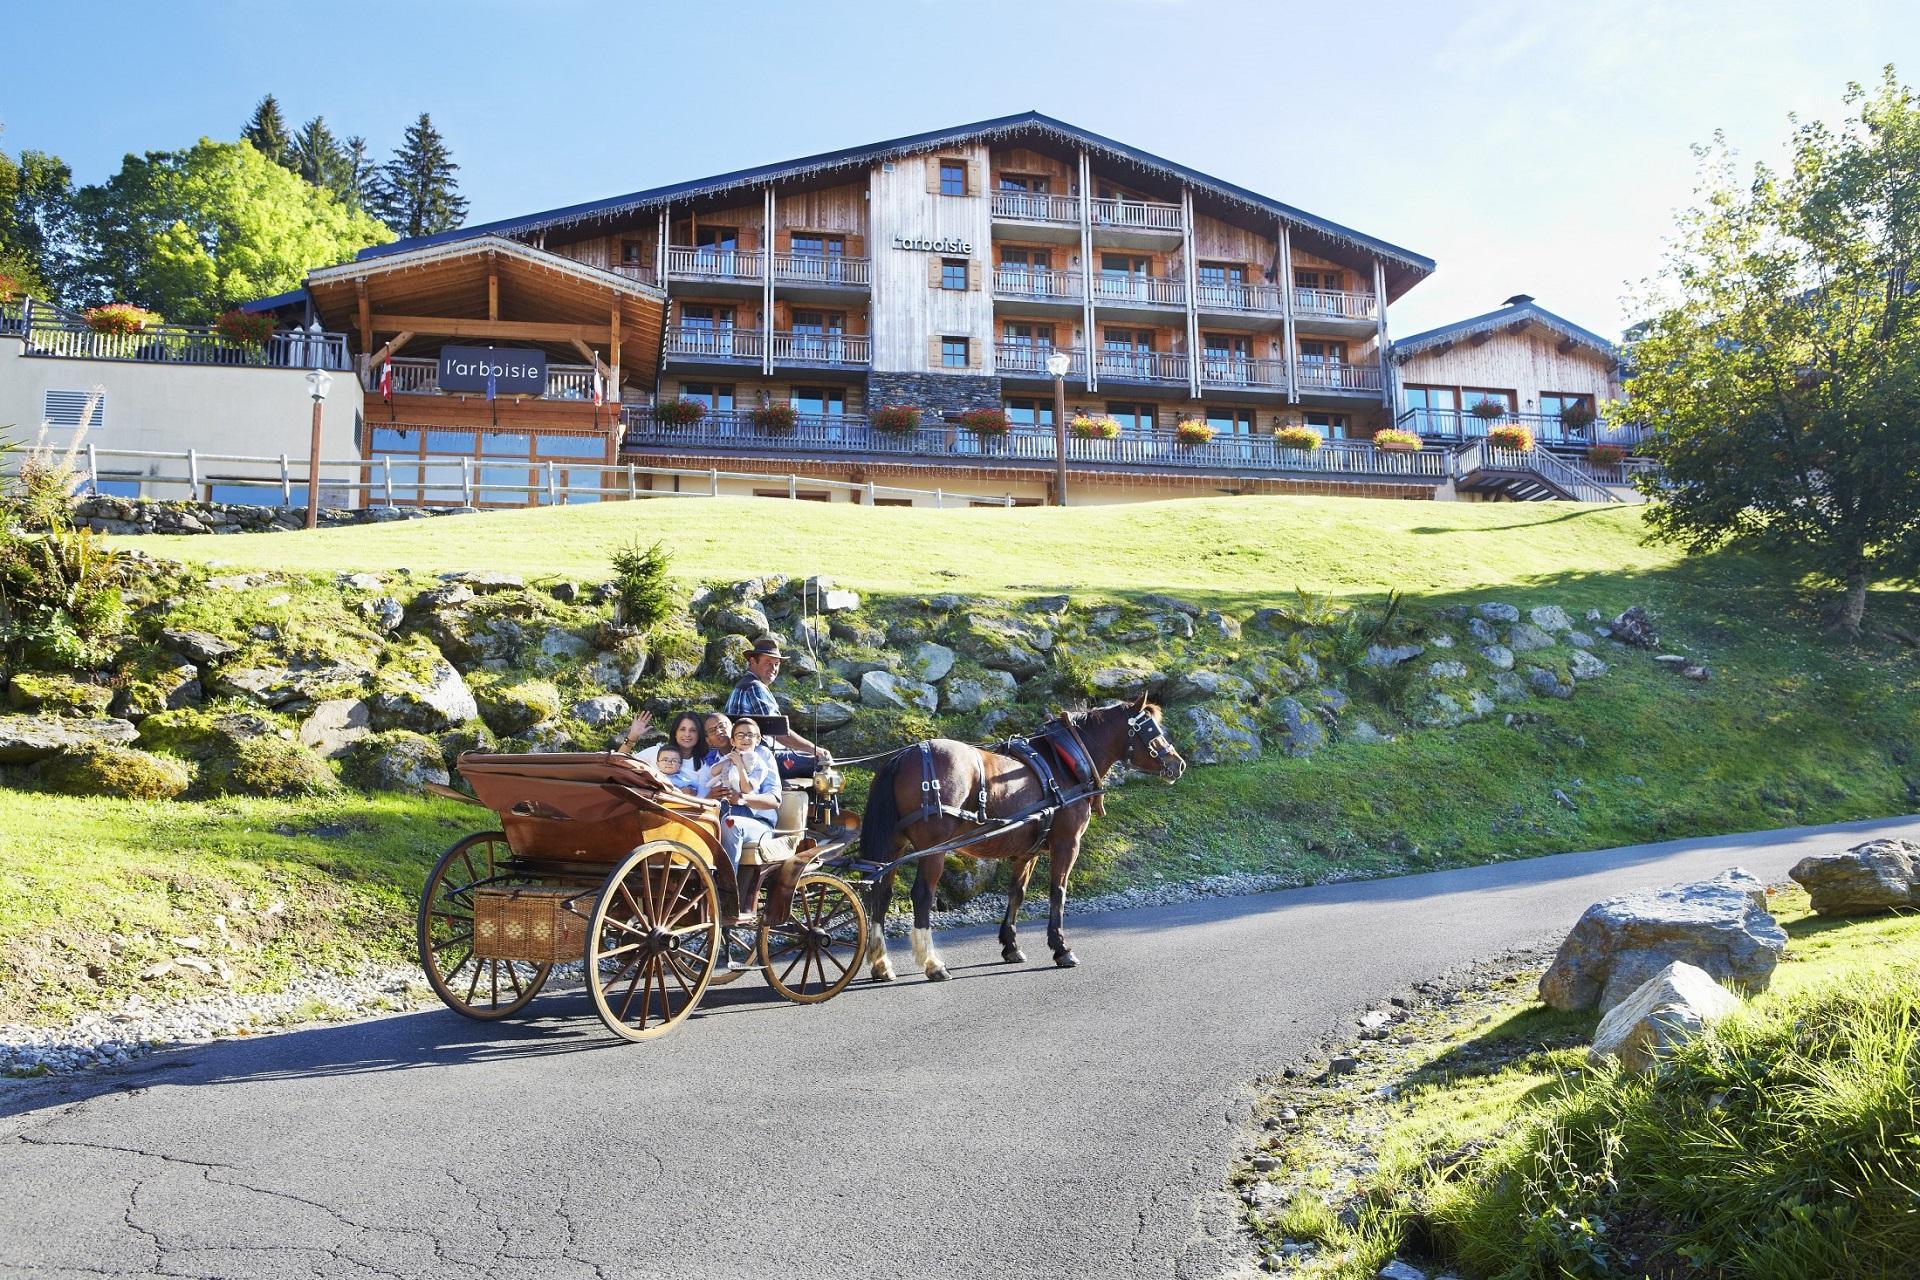 l'arboisie-megeve-incentive-ski-montagne-alpes-facade-101 seminaires-de-caractere